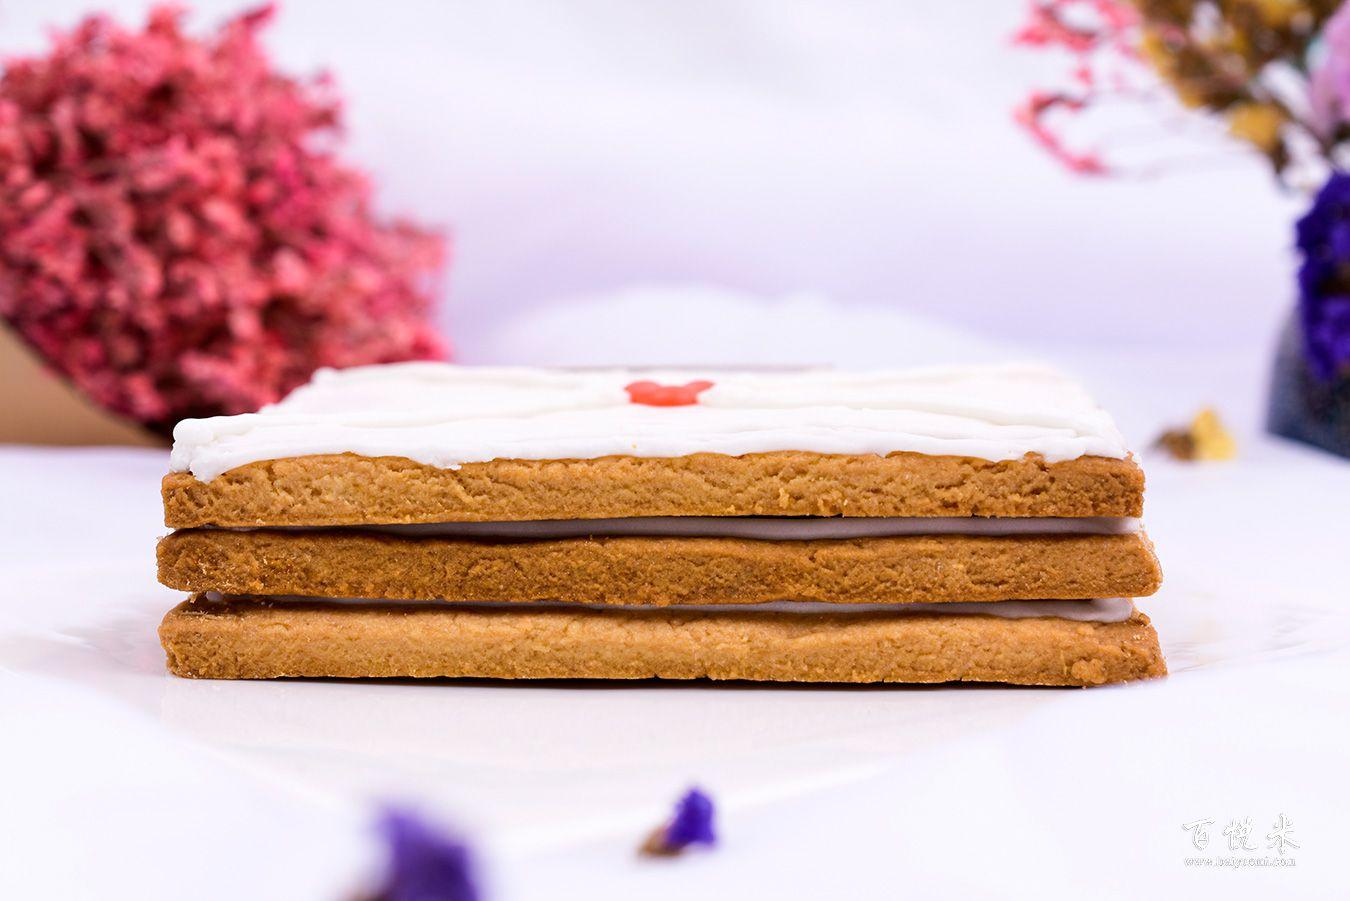 520糖霜饼干高清图片大全【蛋糕图片】_735